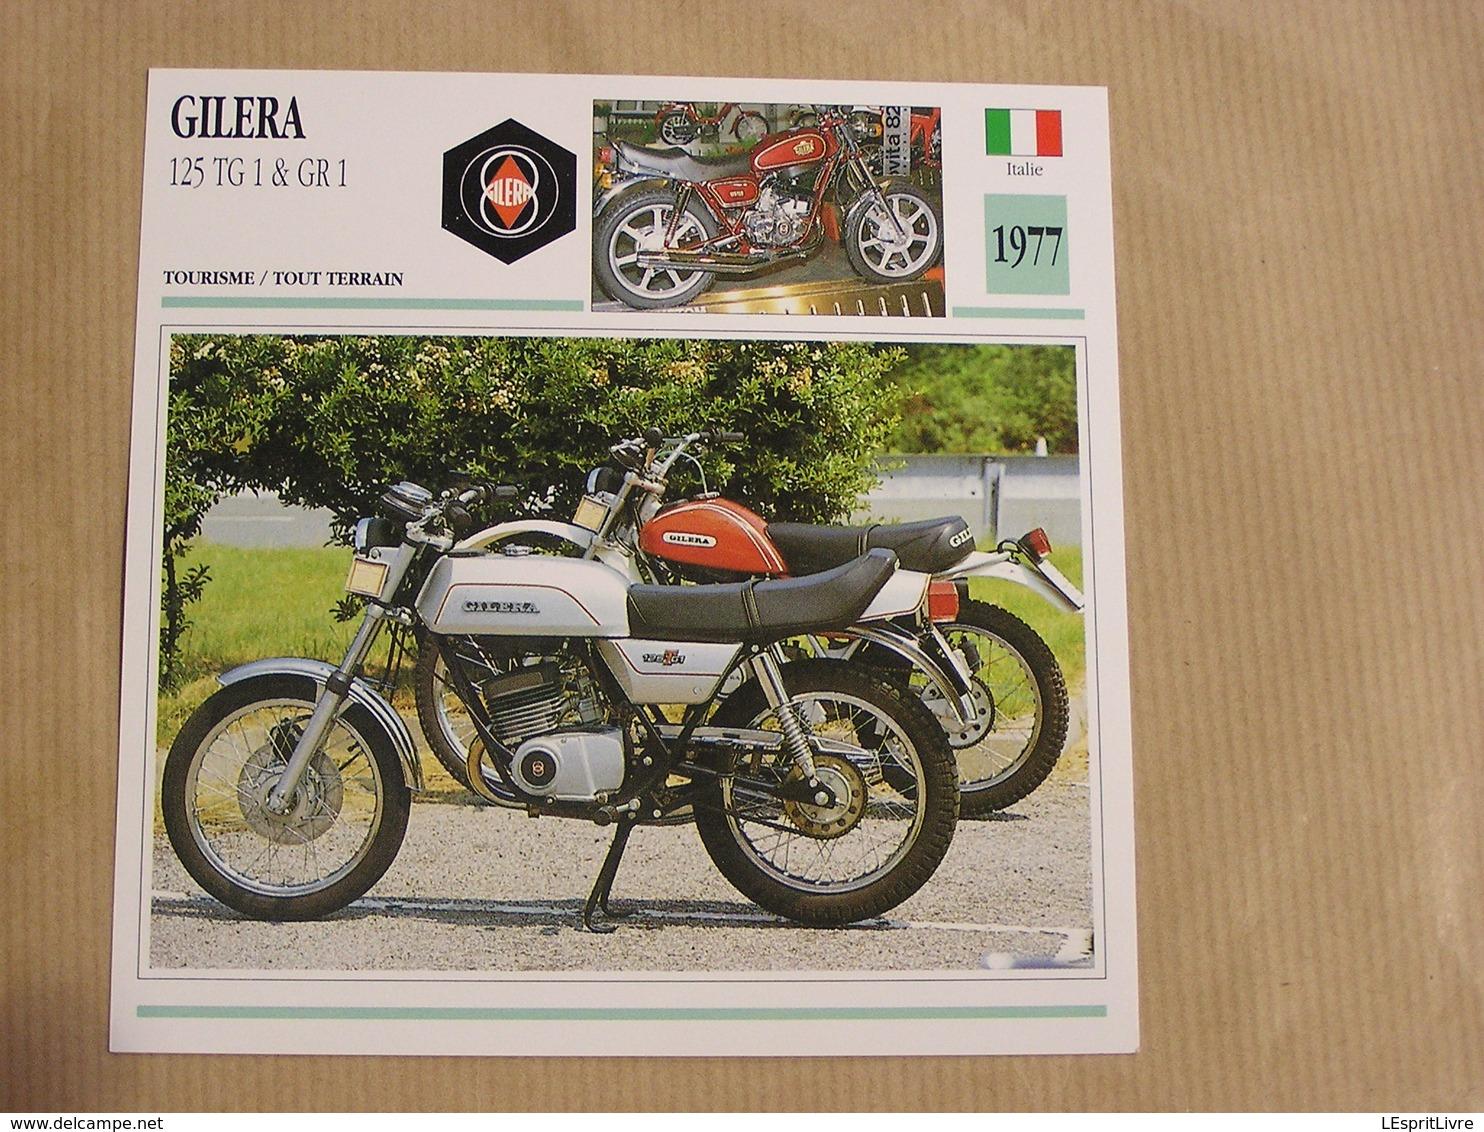 GILERA  125 TG 1 GR 1 Italie Italia 1977 Moto Fiche Descriptive Motocyclette Motos Motorcycle Motocyclette - Sammelkarten, Lernkarten